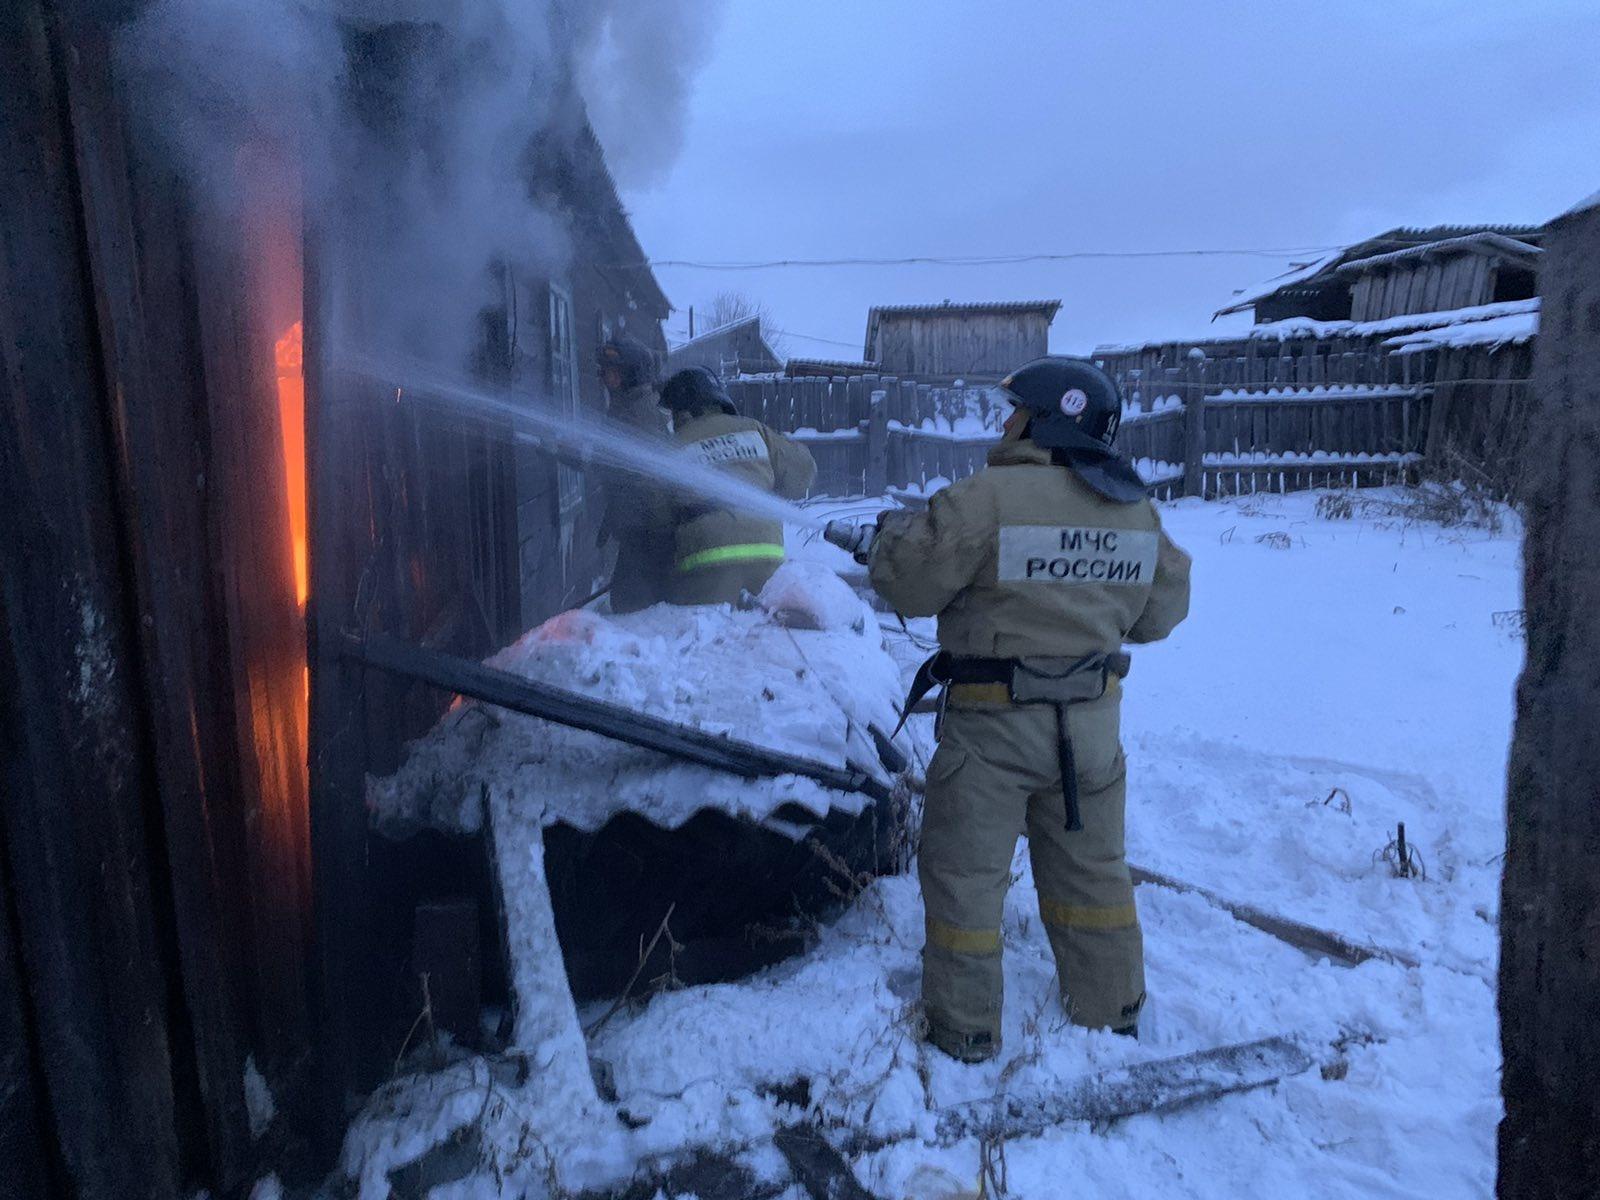 18 пожаров ликвидировали пожарно-спасательные подразделения за прошедшие сутки в Иркутской области. Обстановка с пожарами в регионе